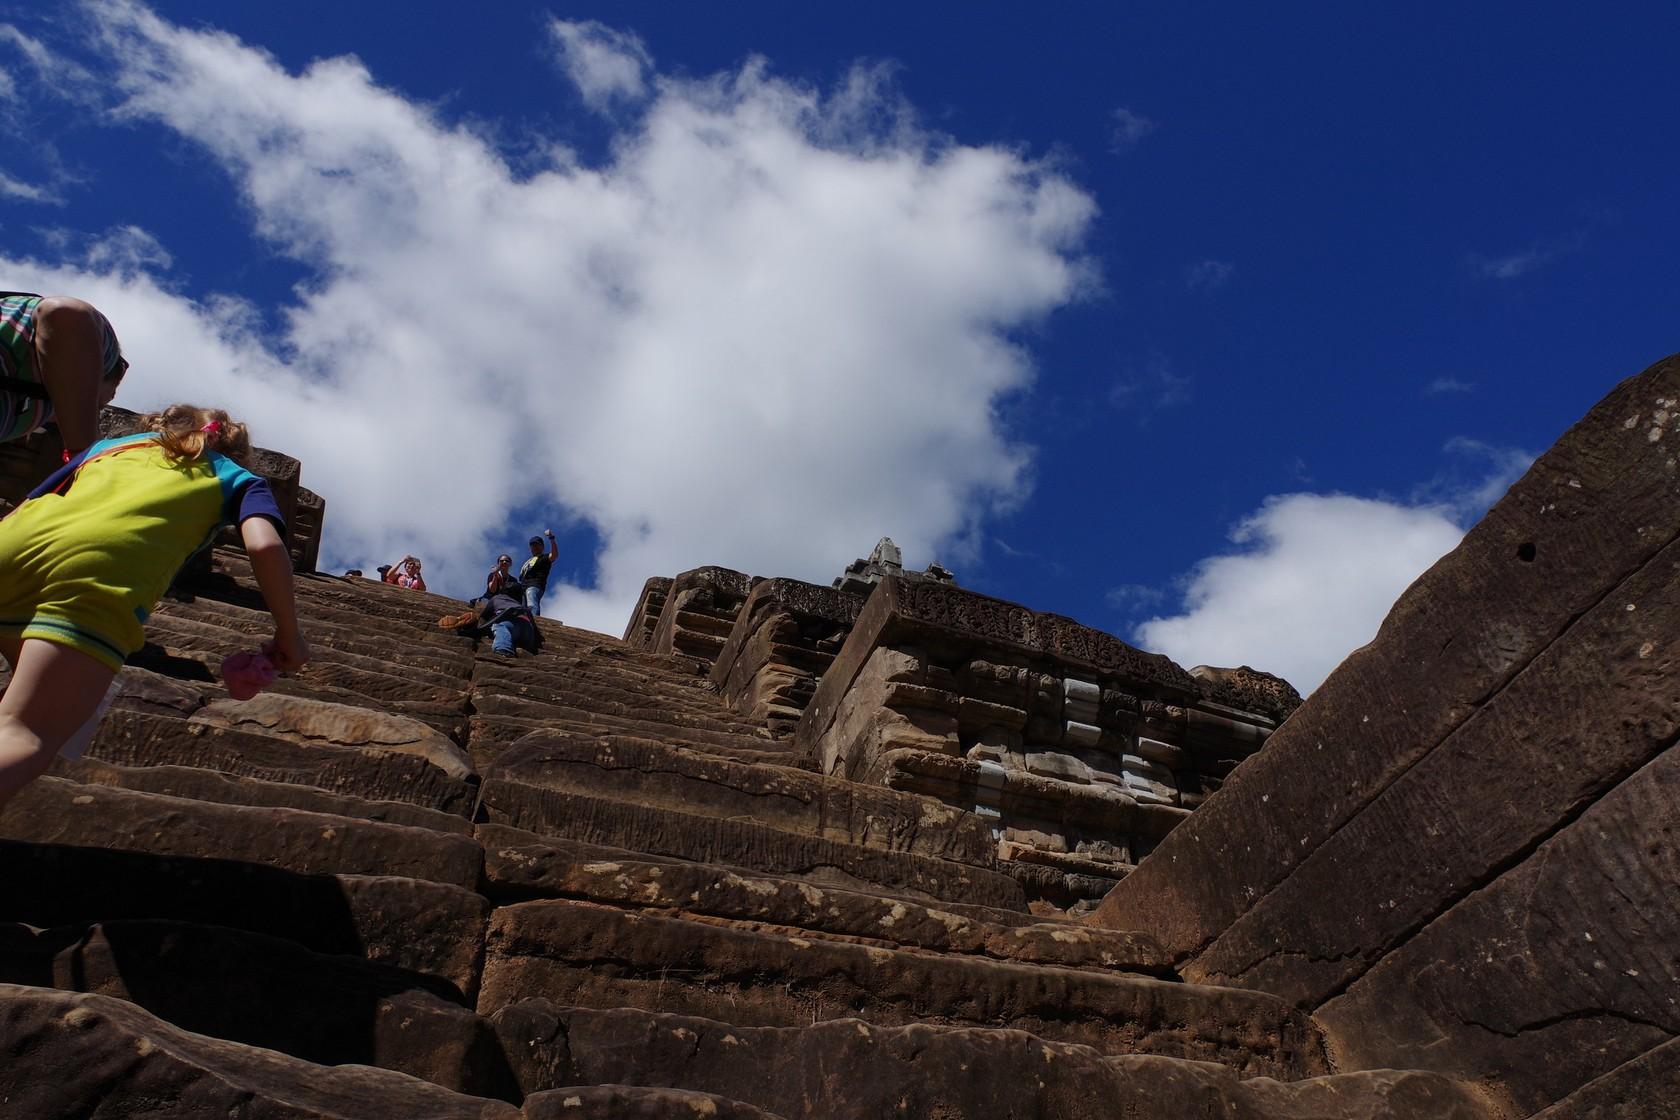 攀爬階梯的遊客-茶膠寺